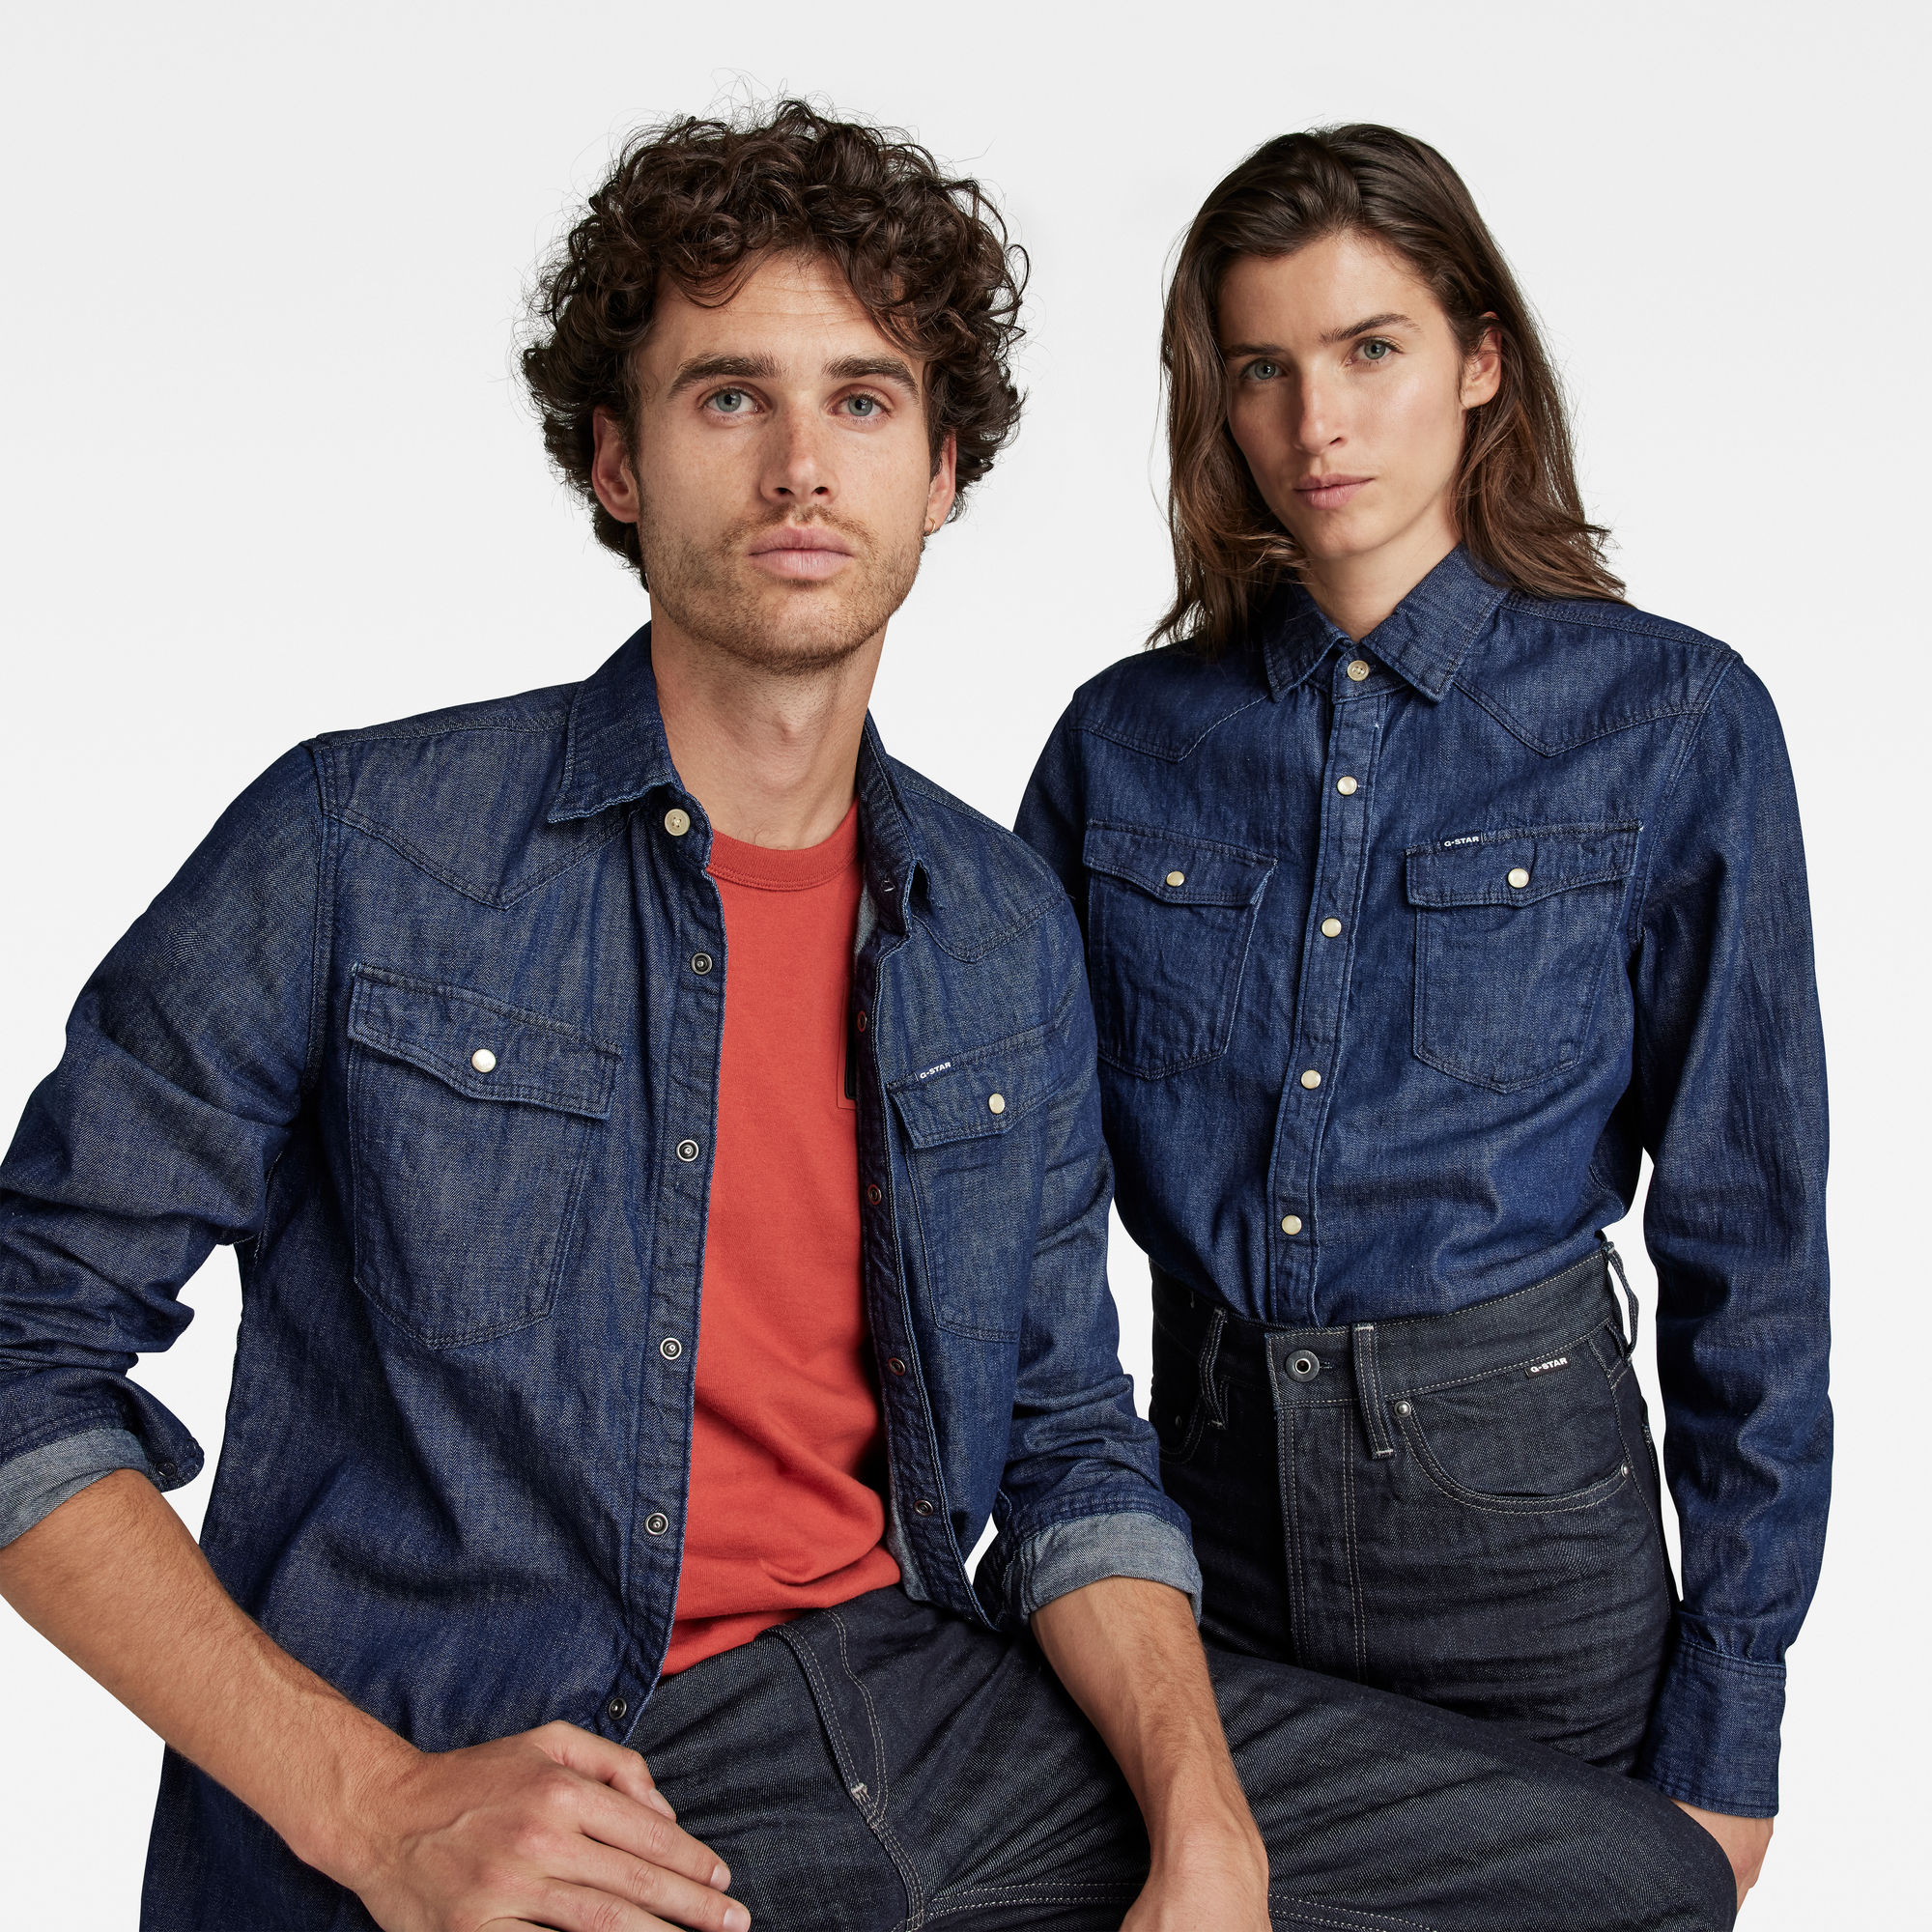 G-Star RAW Heren 3301 Slim Shirt Donkerblauw